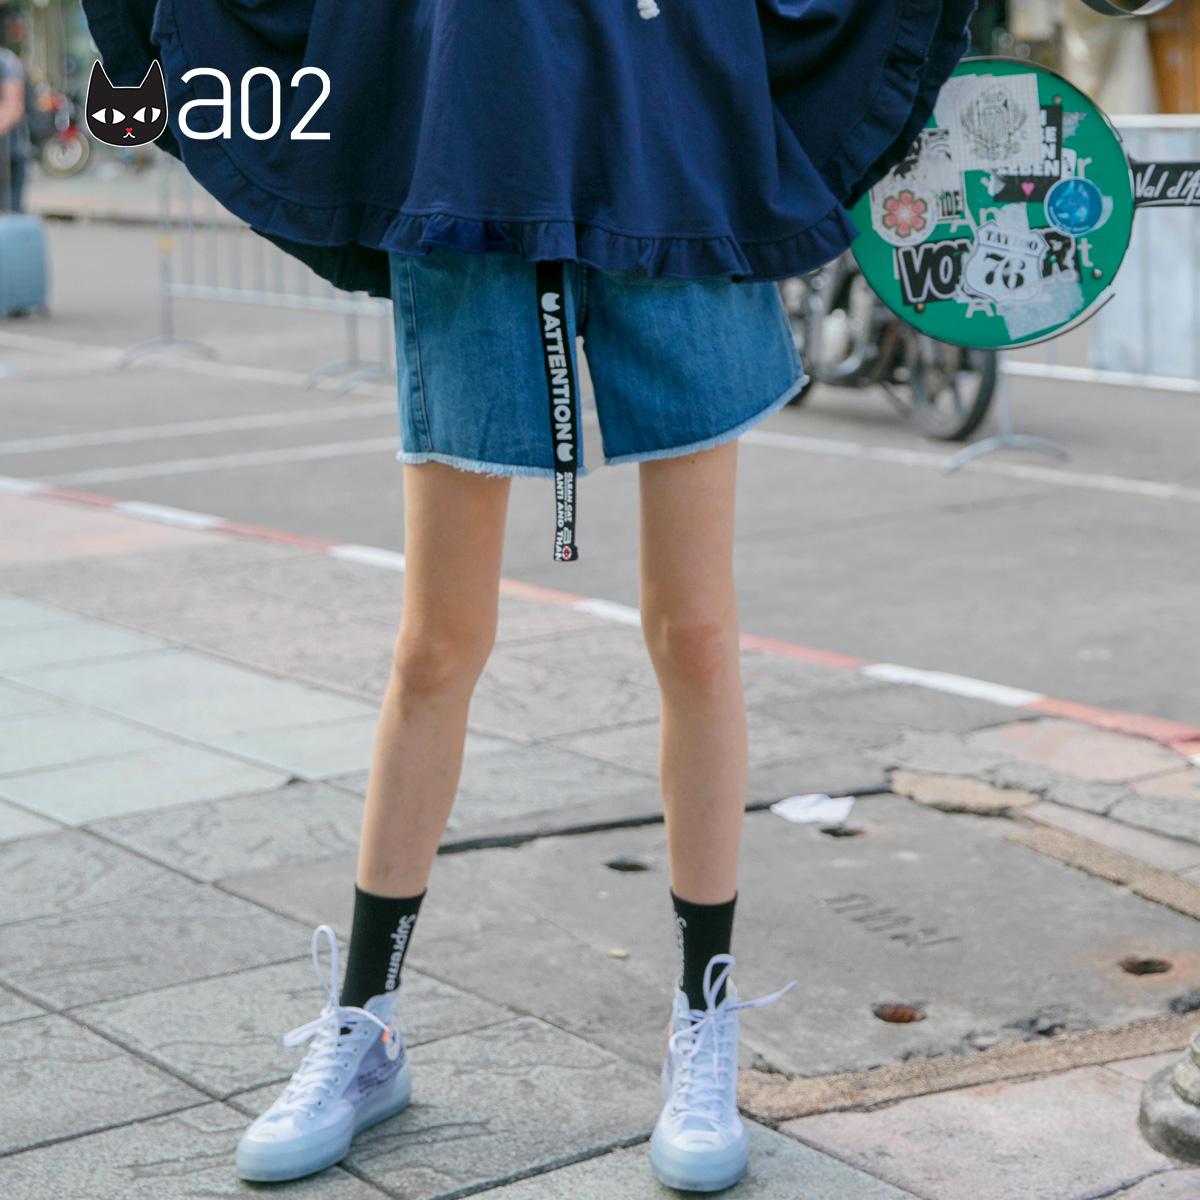 a02商场同款简约易搭高腰毛边牛仔短裤女 D1S5A1441PN